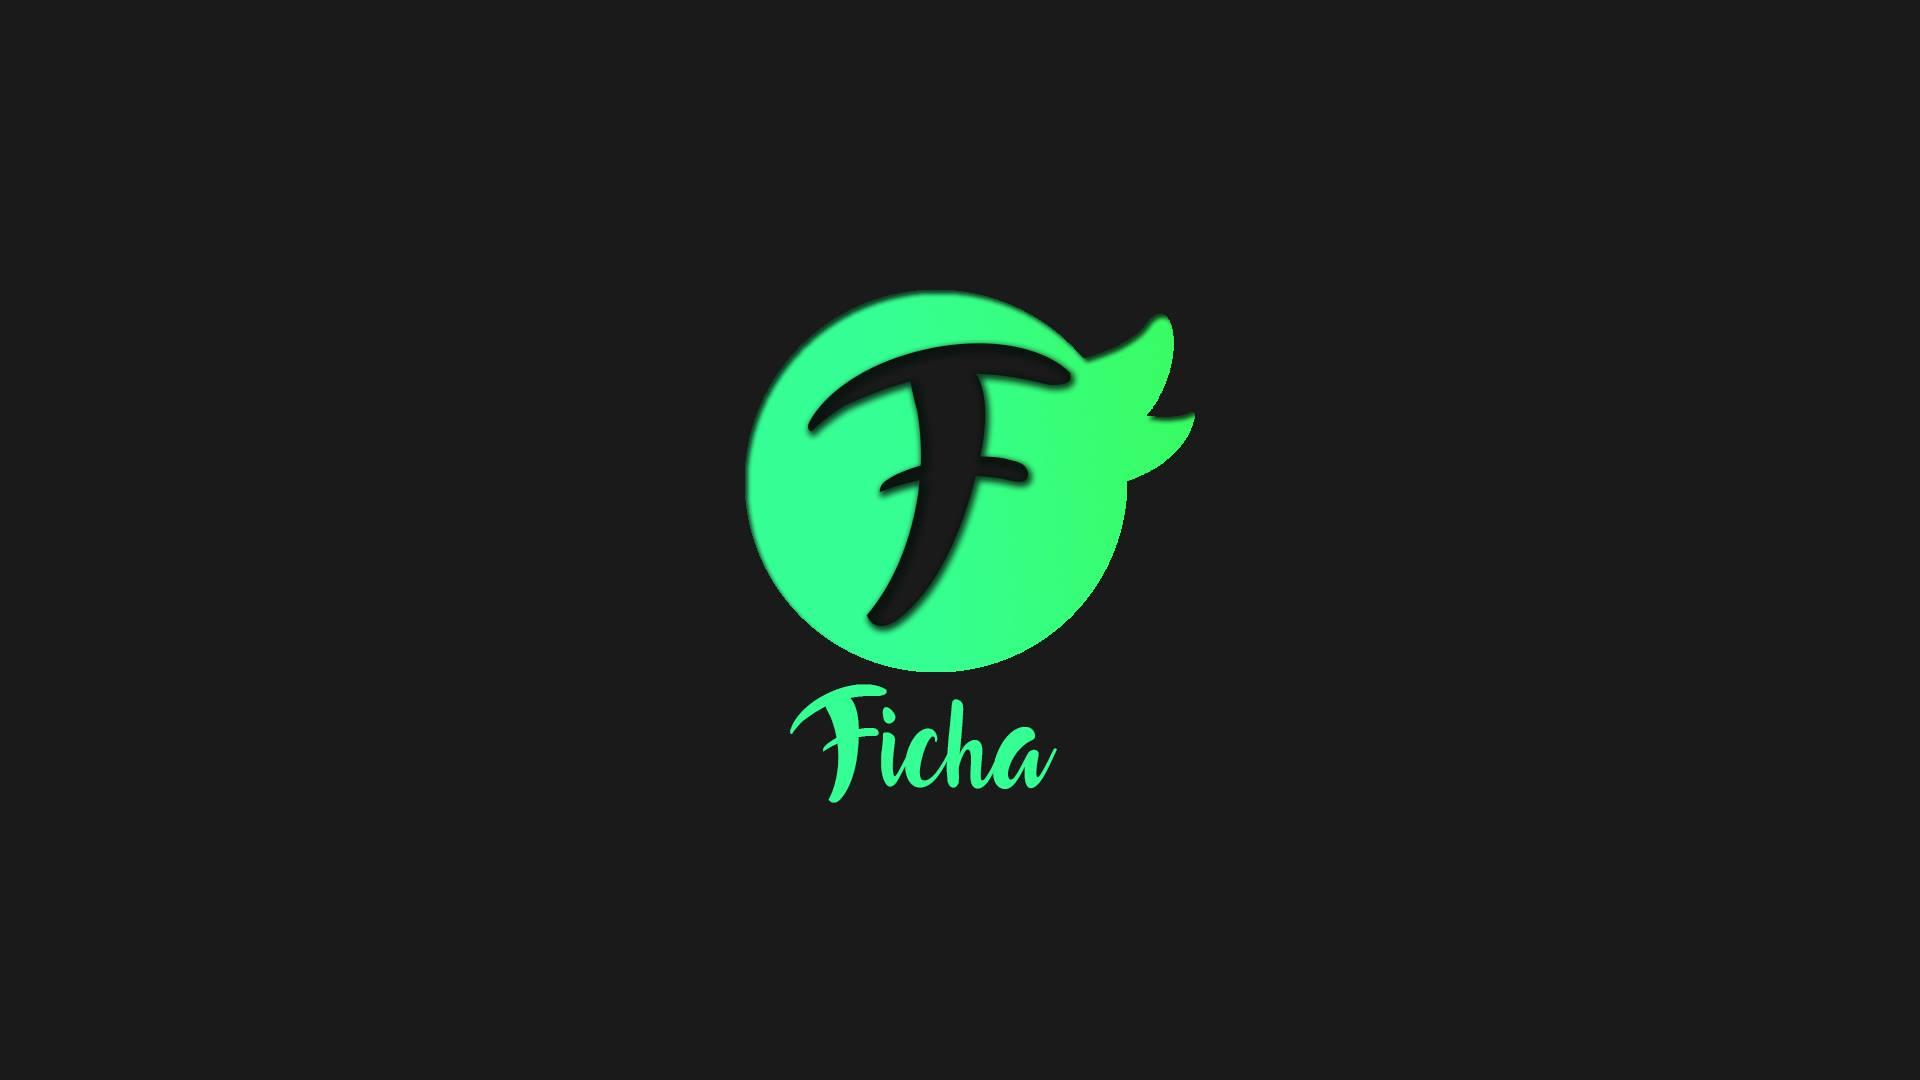 ficha image